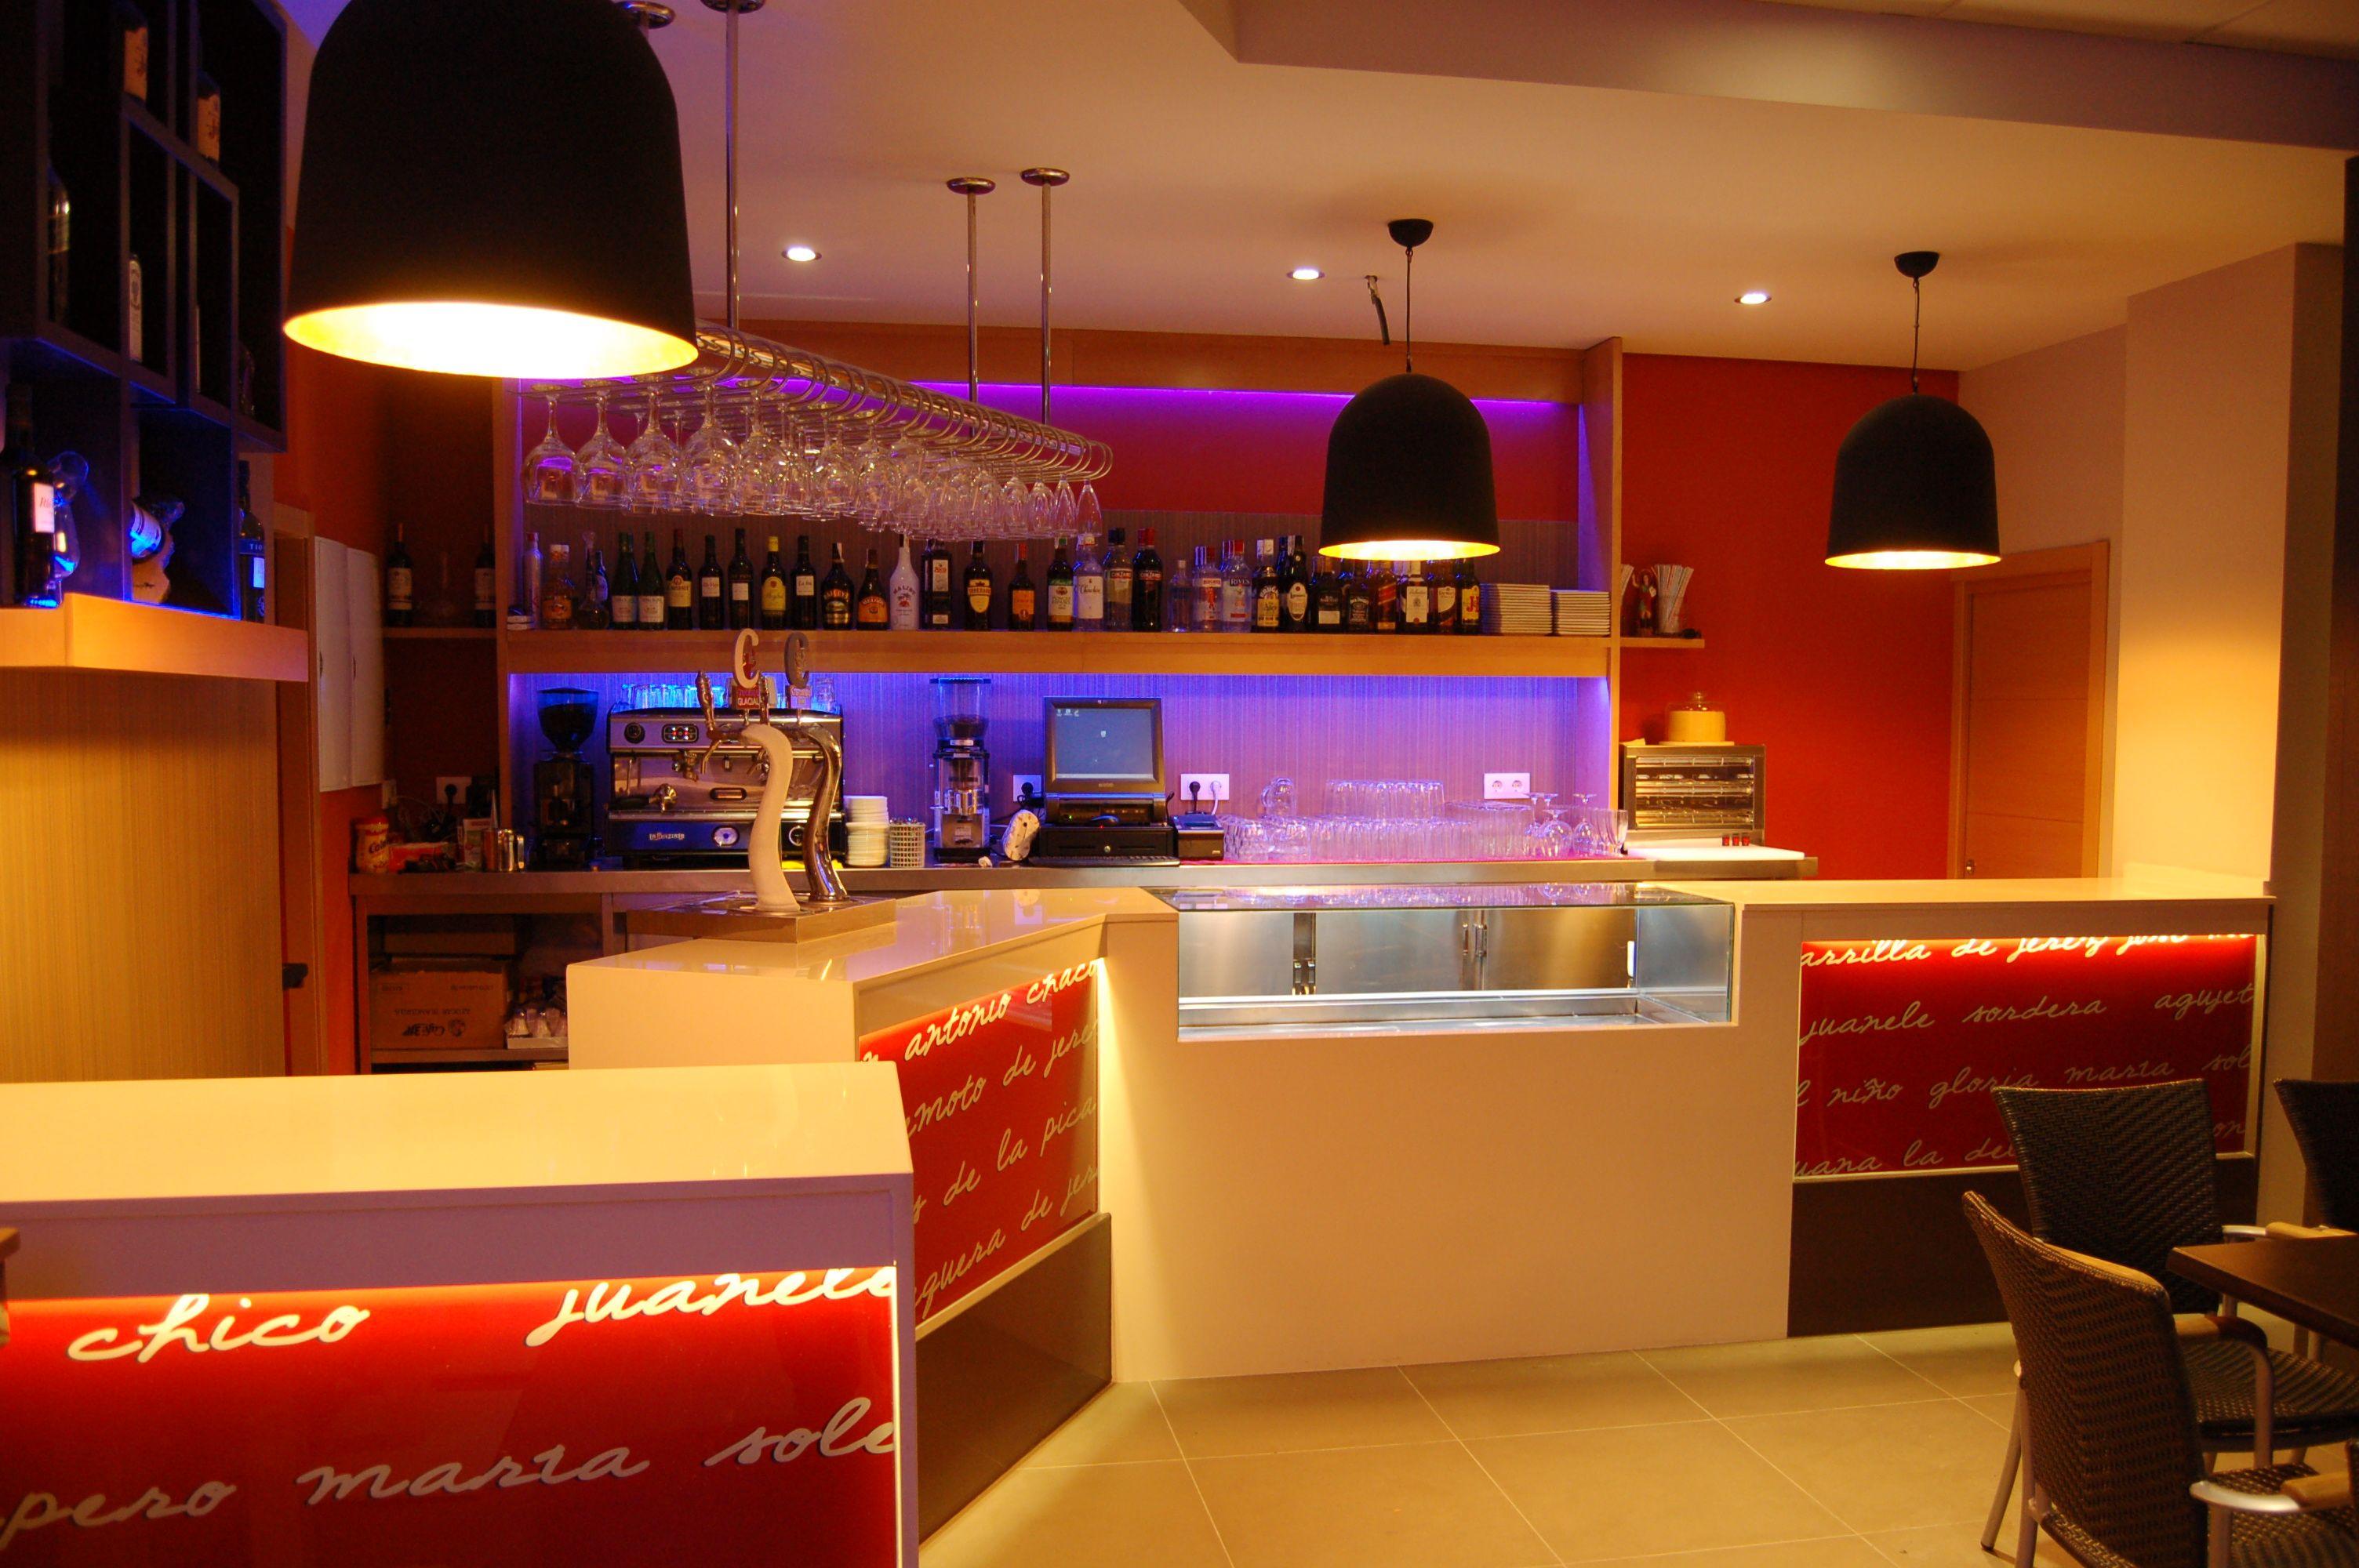 Diseño y decoración interior de cafetería realizada por la empresa 3 ...